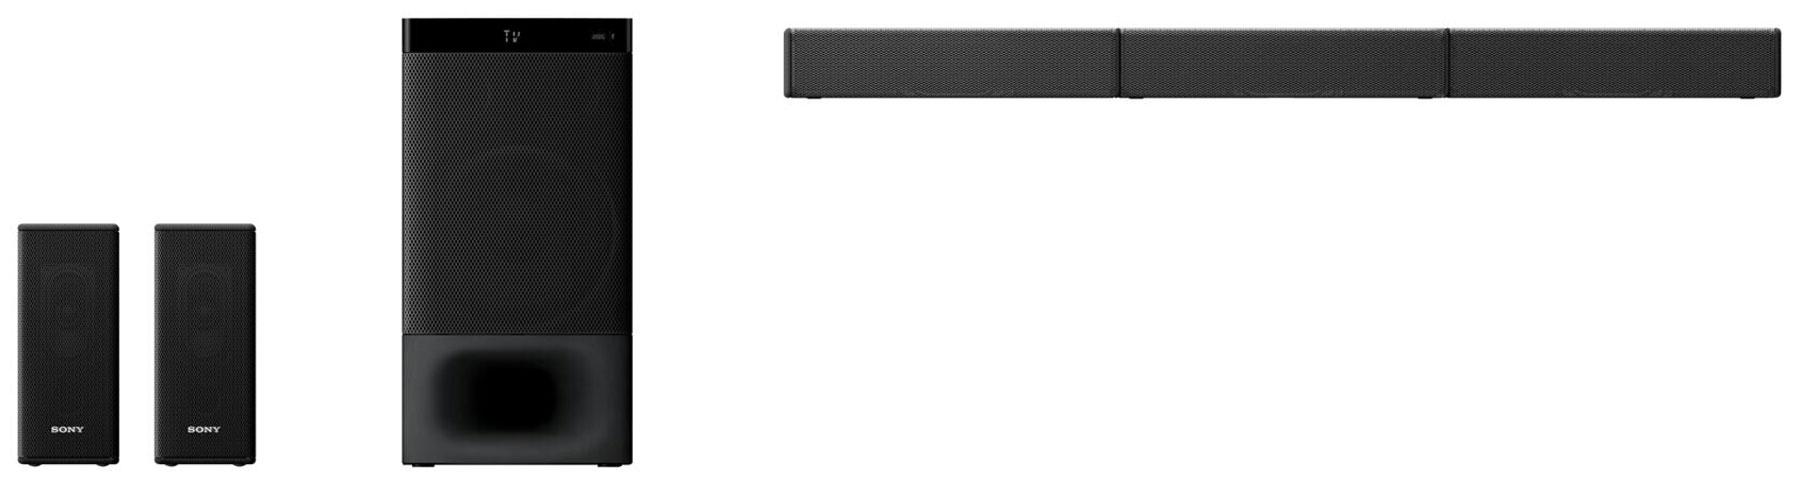 بررسی مشخصات فنی ساندبار سونی HT-S500RF